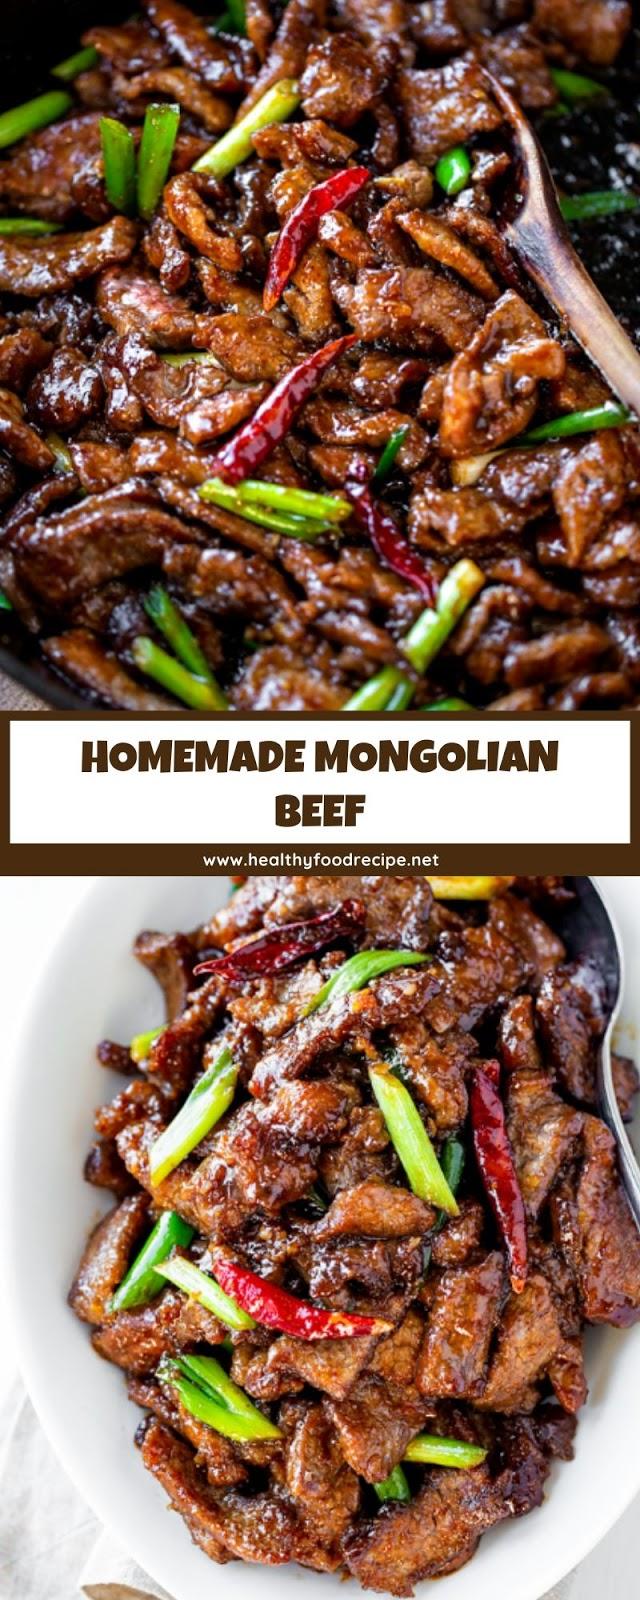 HOMEMADE MONGOLIAN BEEF